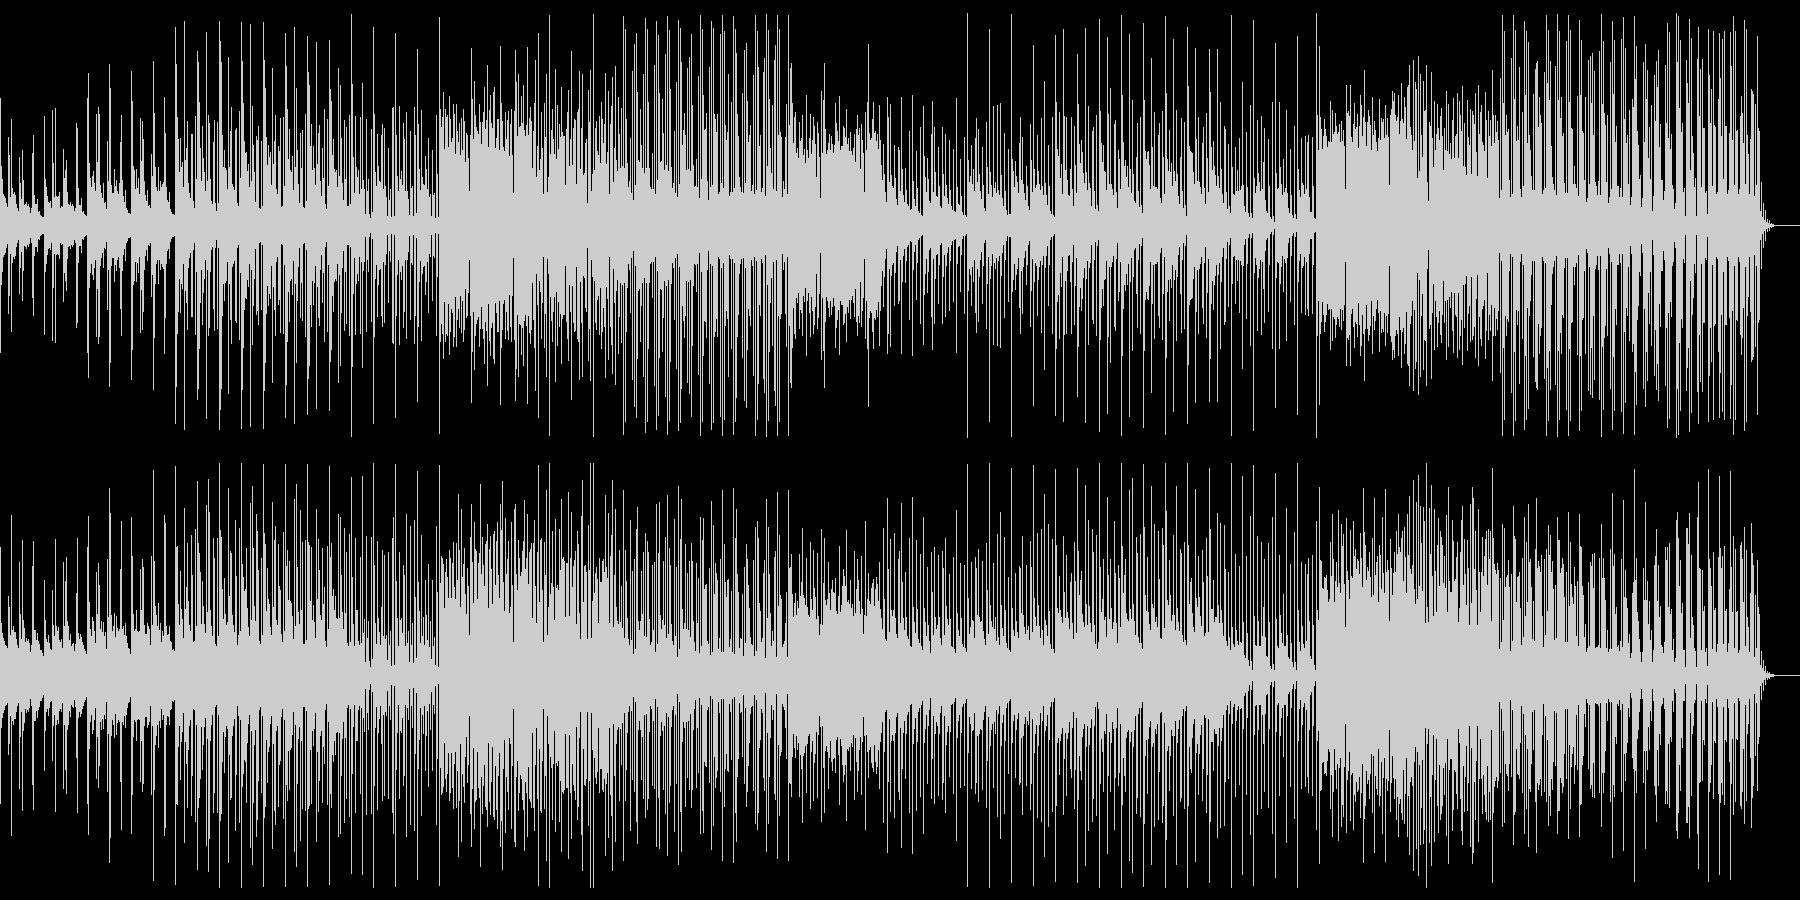 スチームパンクな印象のシネマティックな曲の未再生の波形